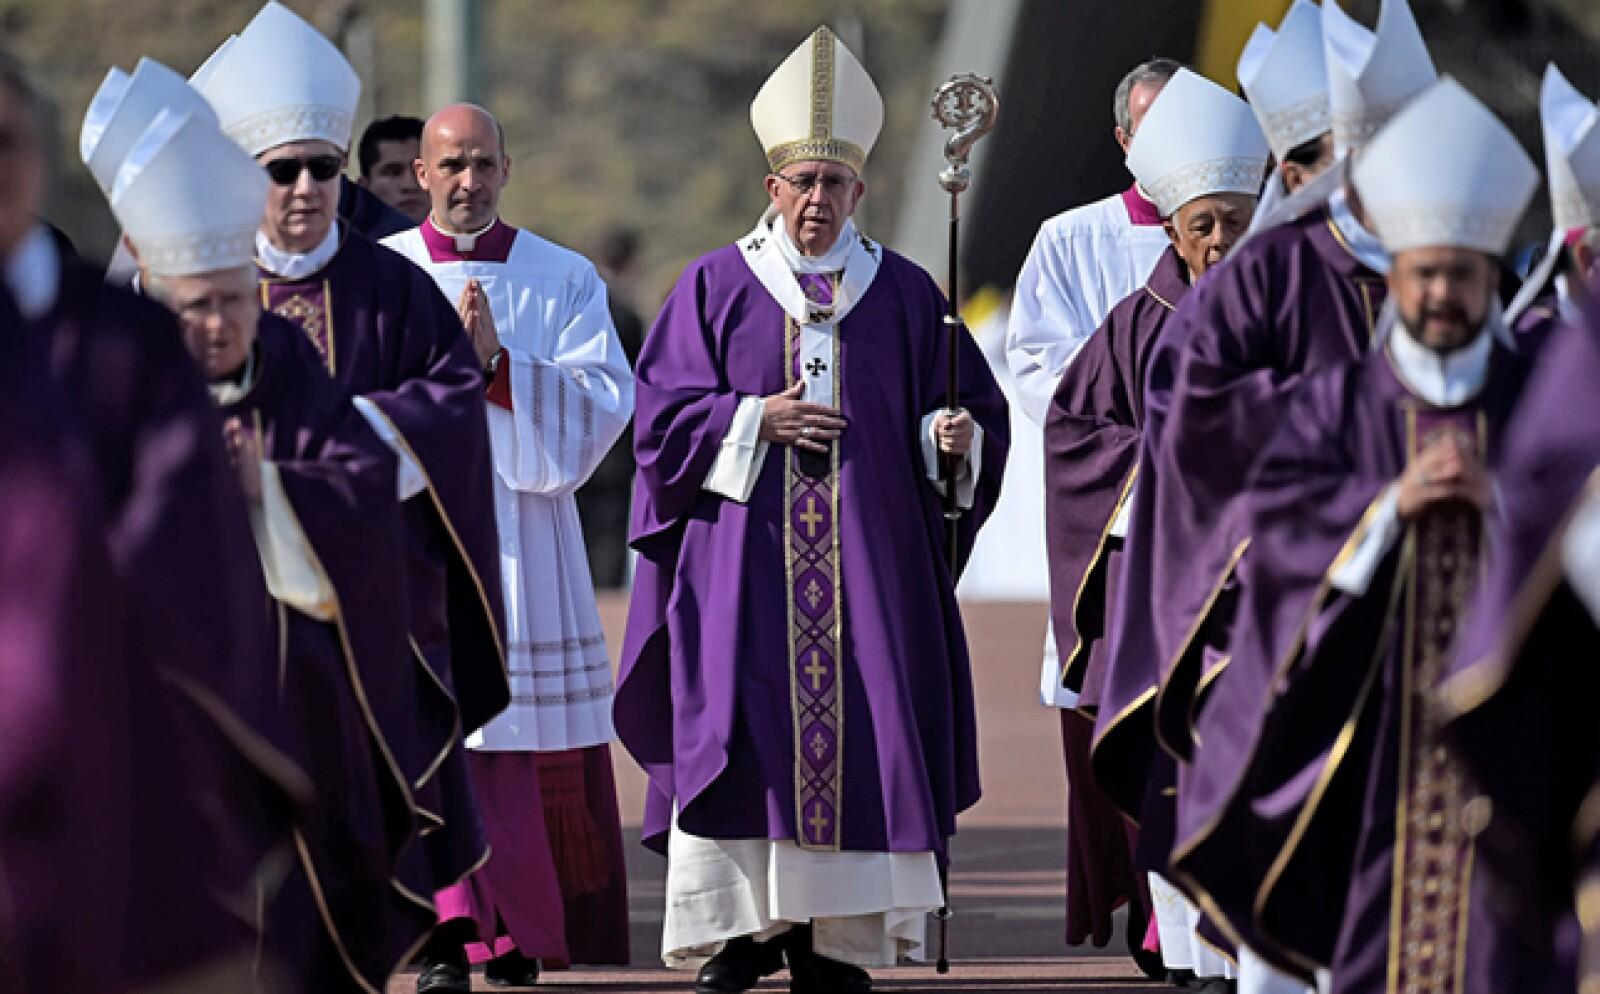 El papa llegó a la eucaristía utilizando el báculo y el cáliz que pertenecían a Vasco de Quiroga